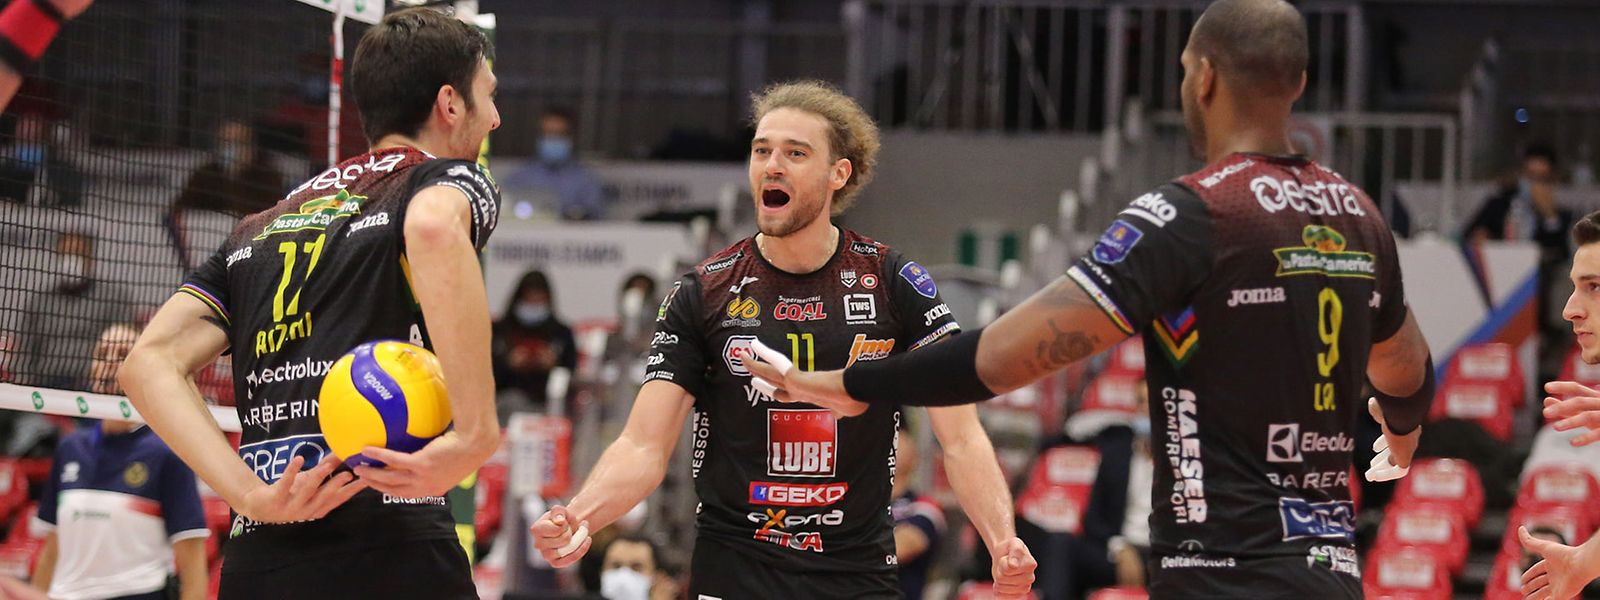 Kamil Rychlicki und seine Teamkollegen dürfen sich über den Meistertitel freuen.